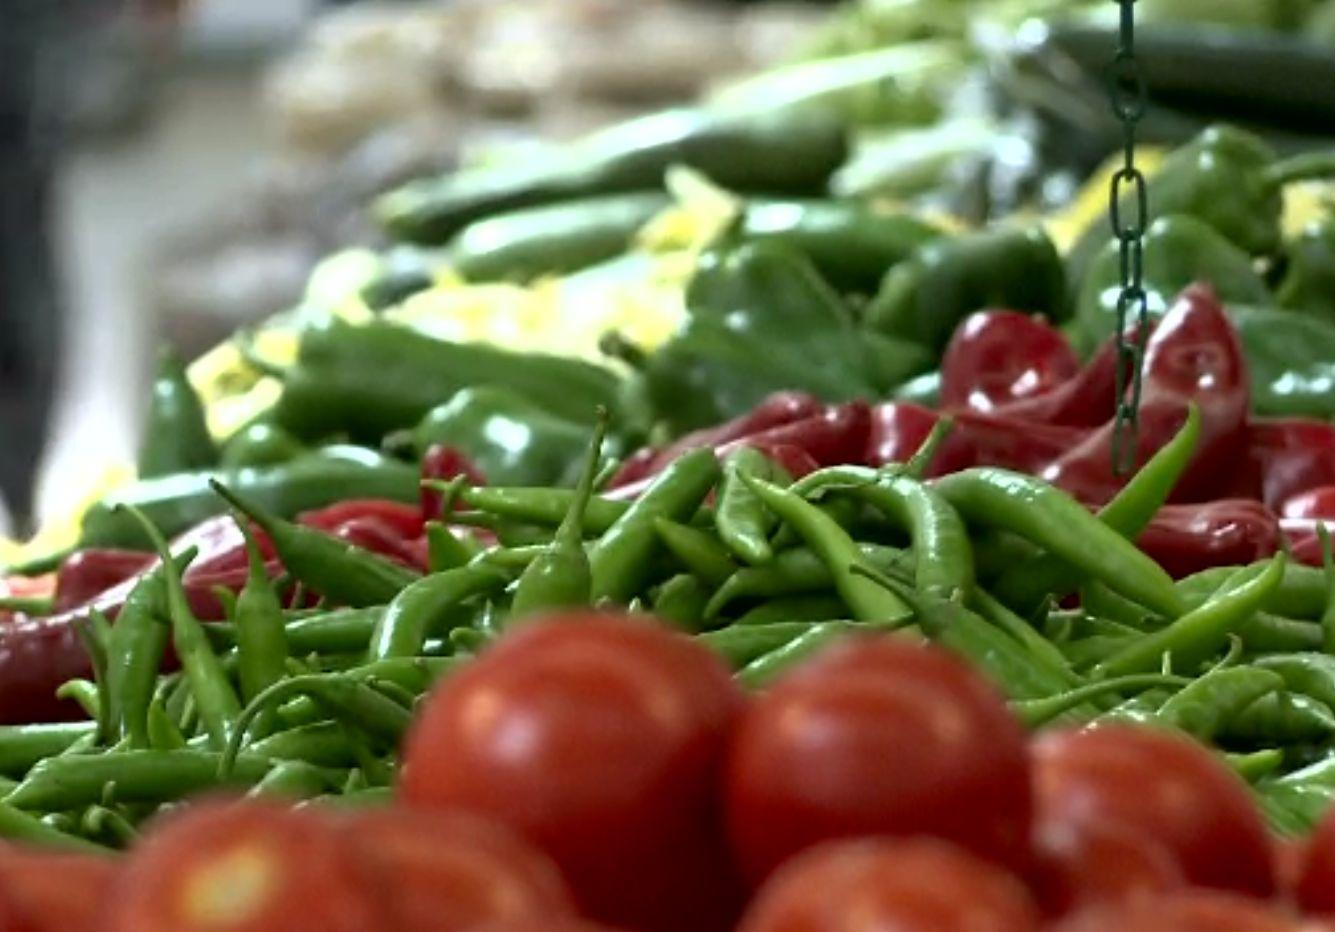 Se schimbă regulile la producerea alimentelor, laptelui, la fructe și legume. Măsurile Comisiei Europene